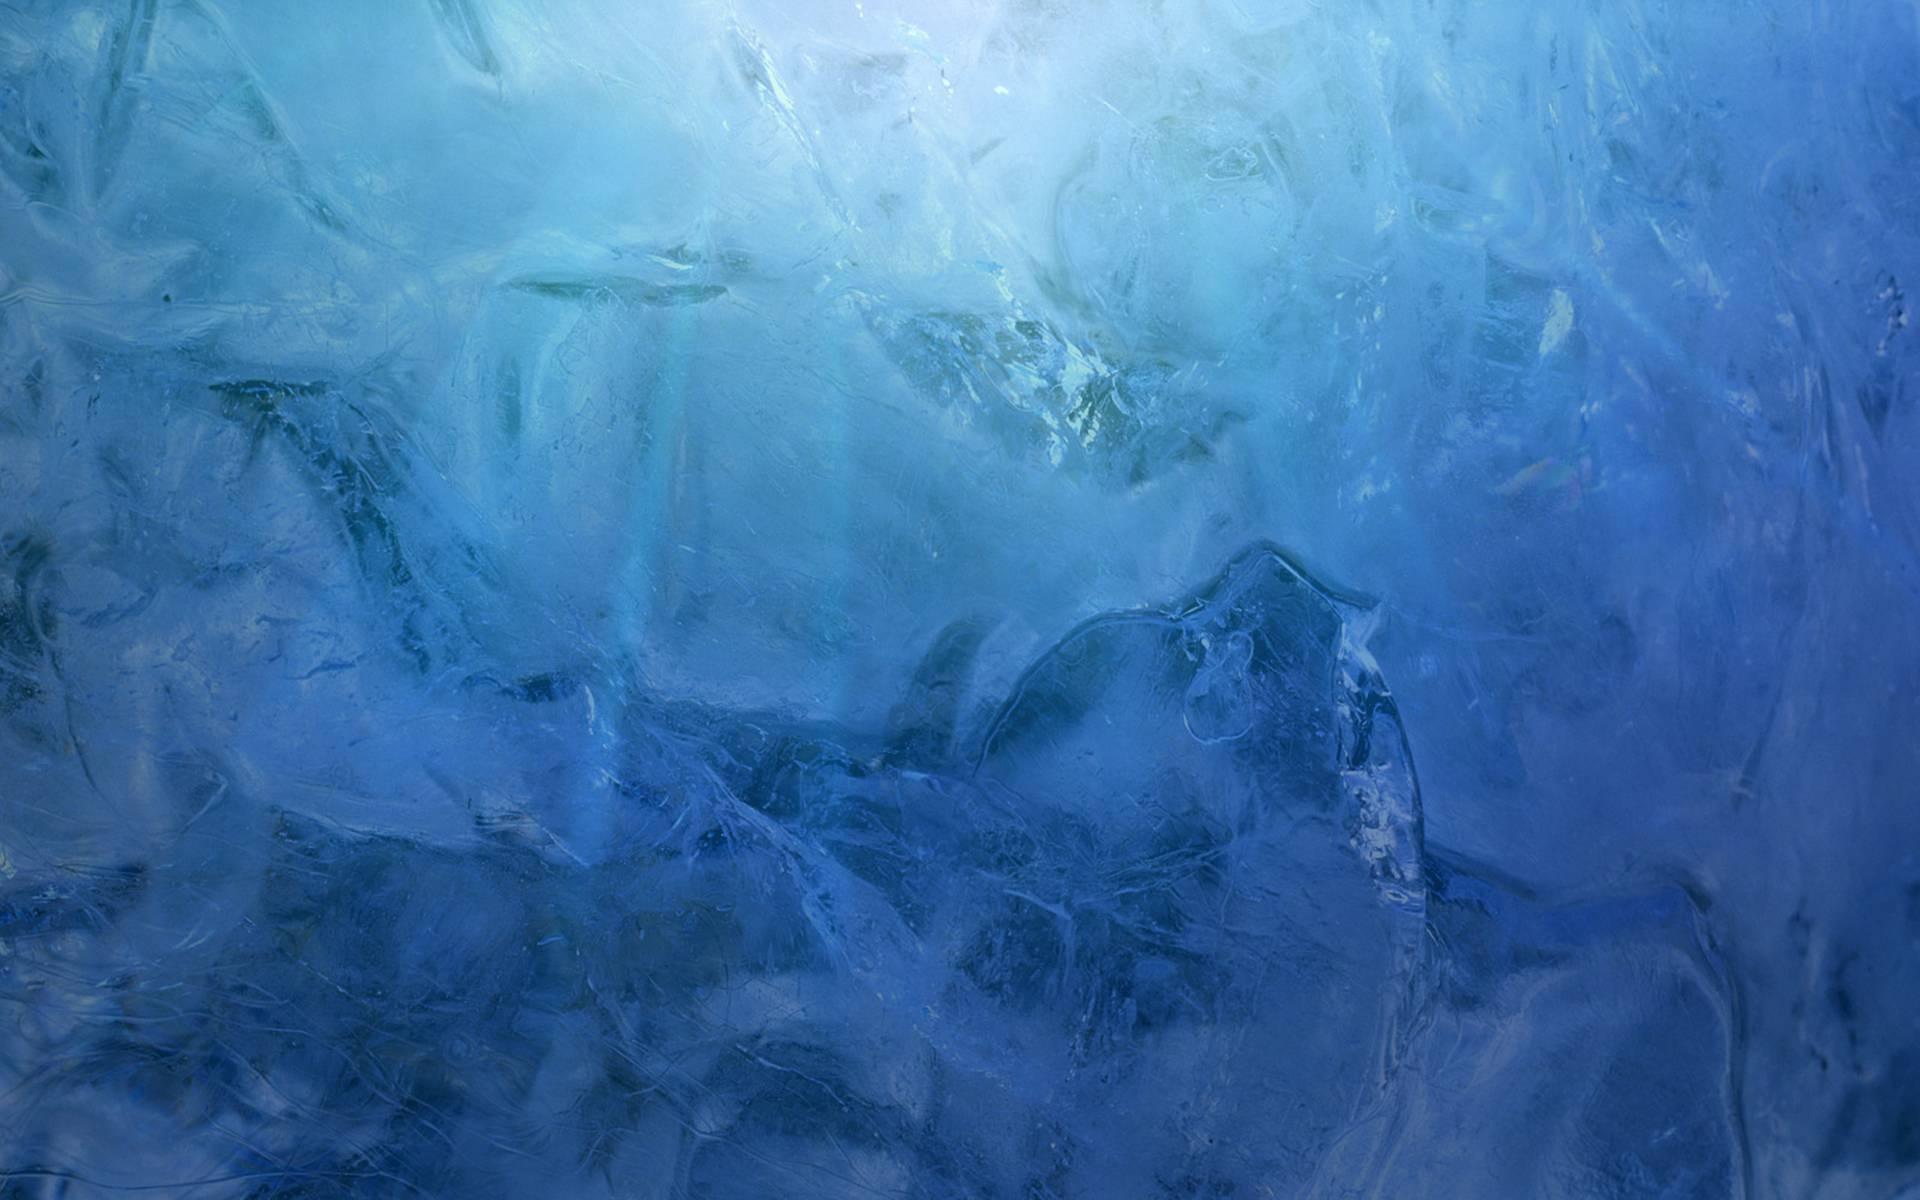 Wallpaper Ice - WallpaperSafari